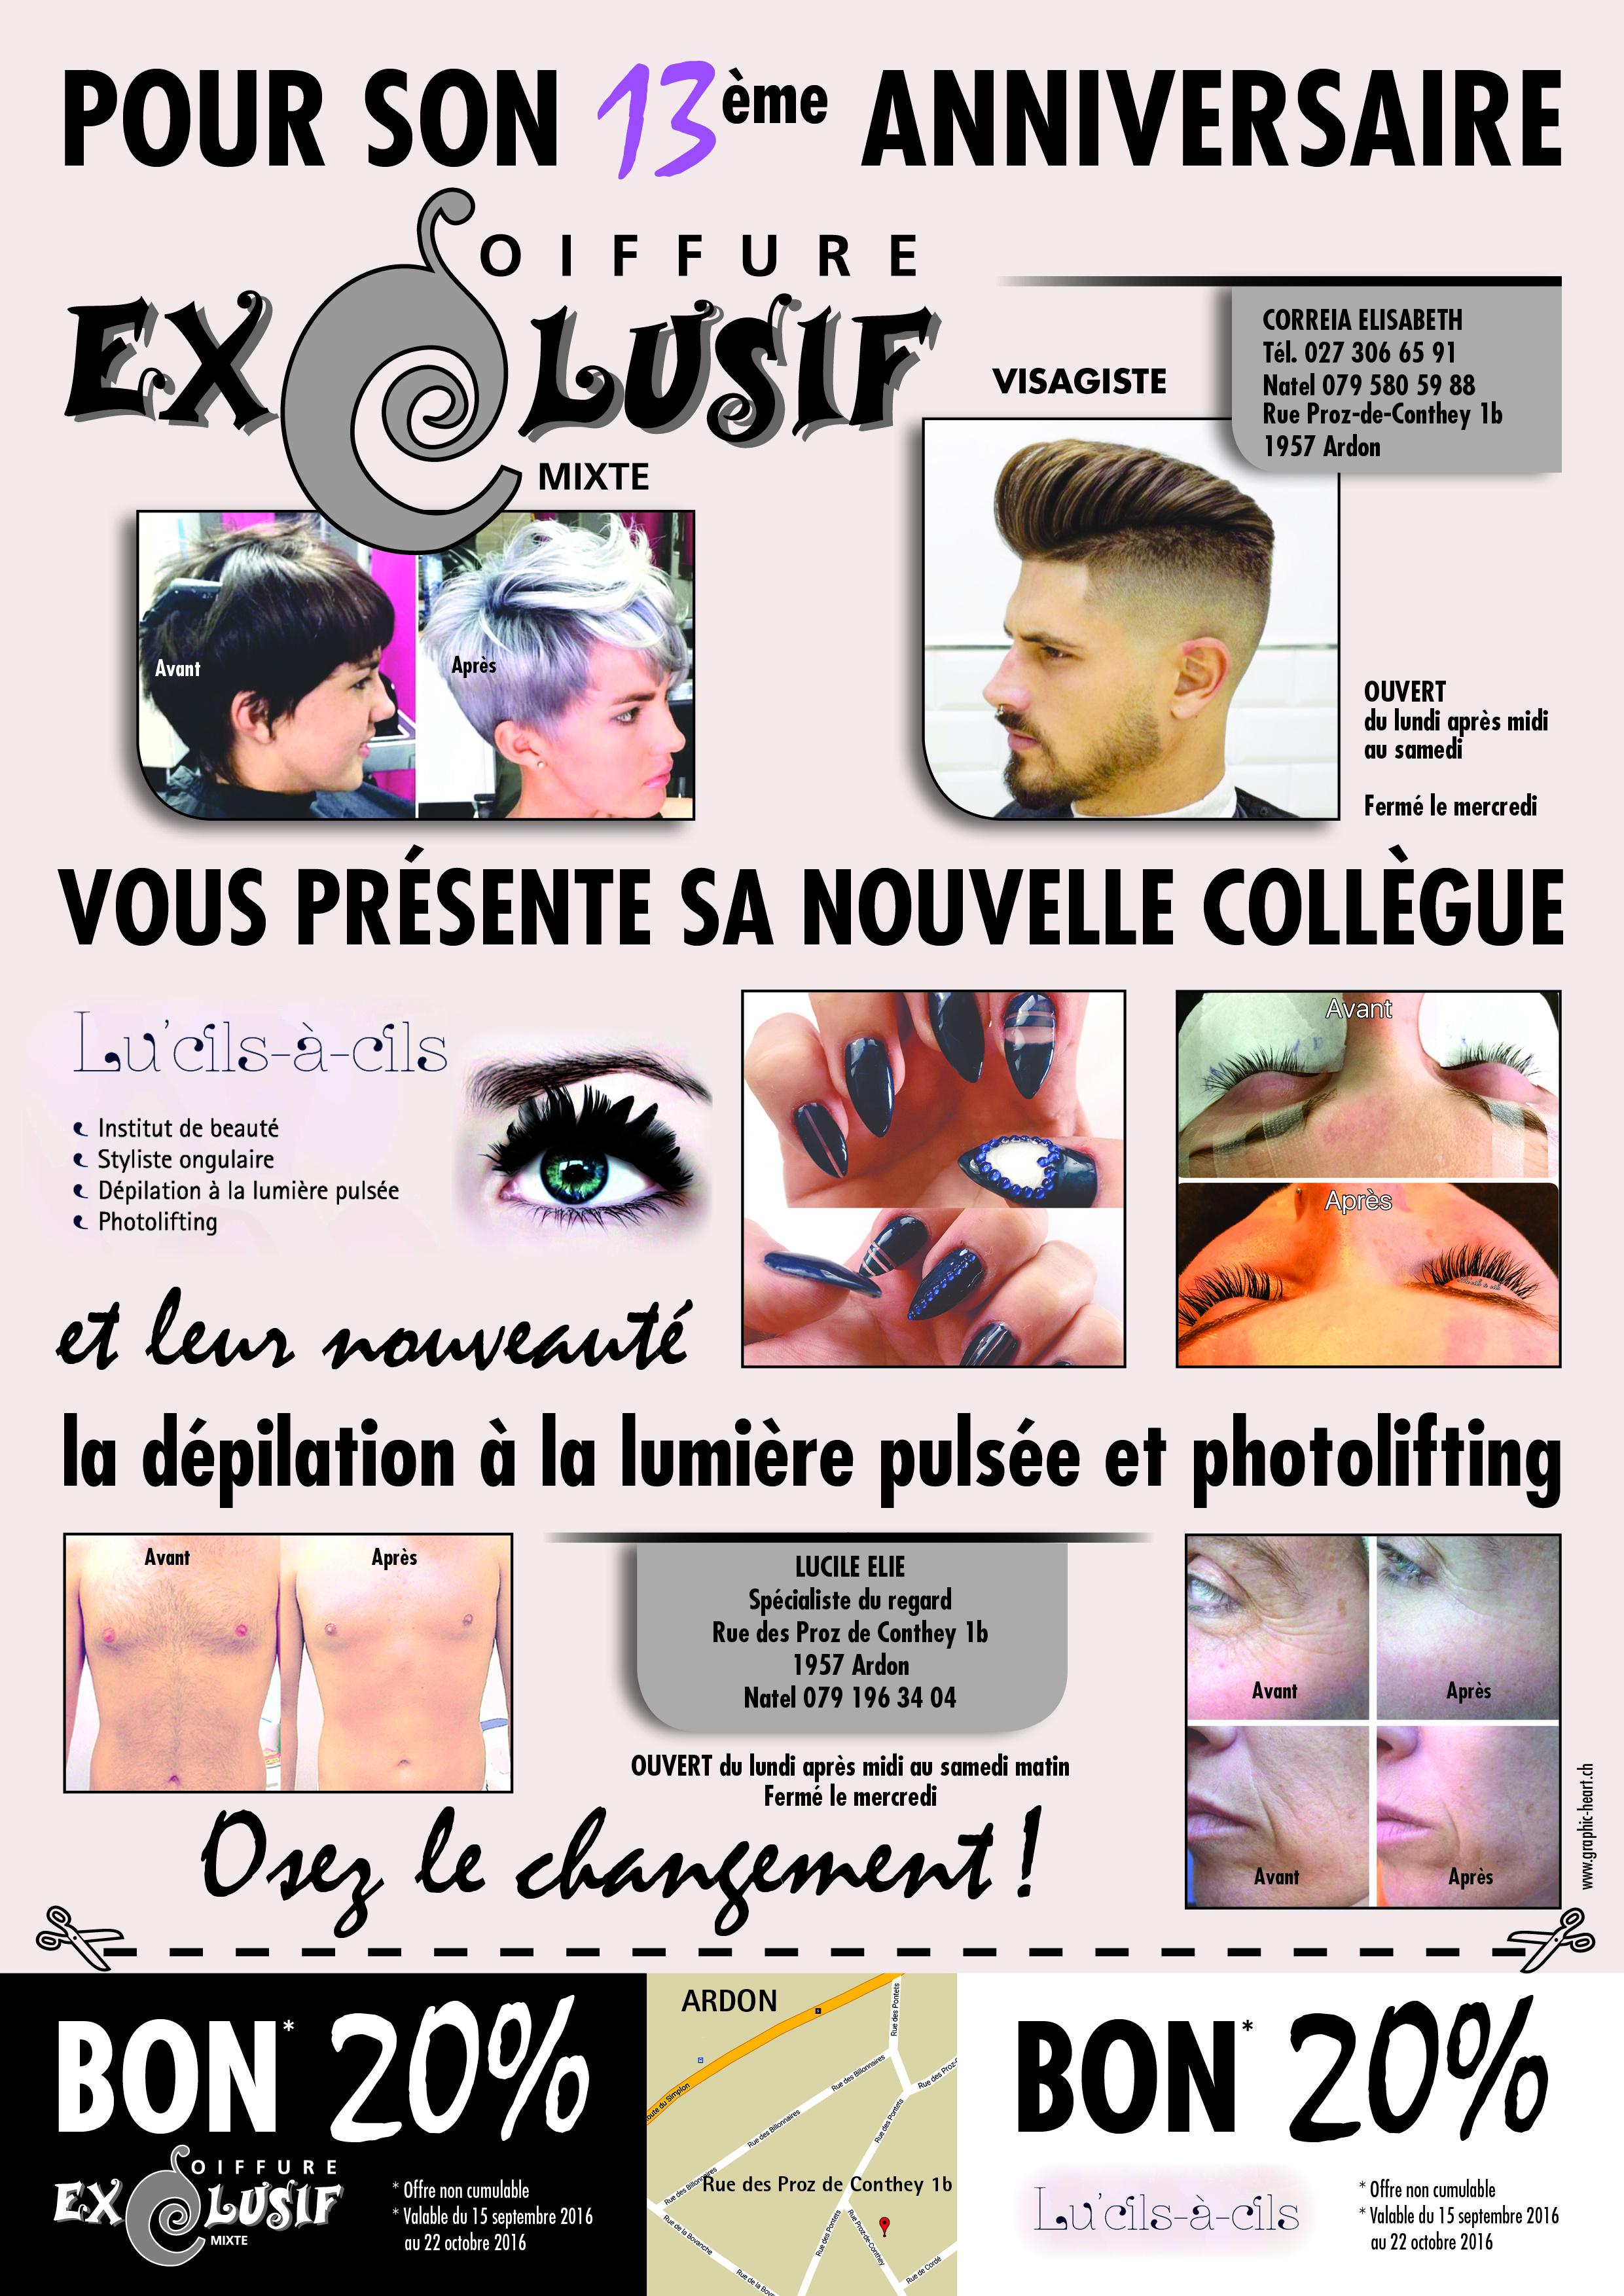 Exclusif Coiffure et Lu'cils-à-Cils